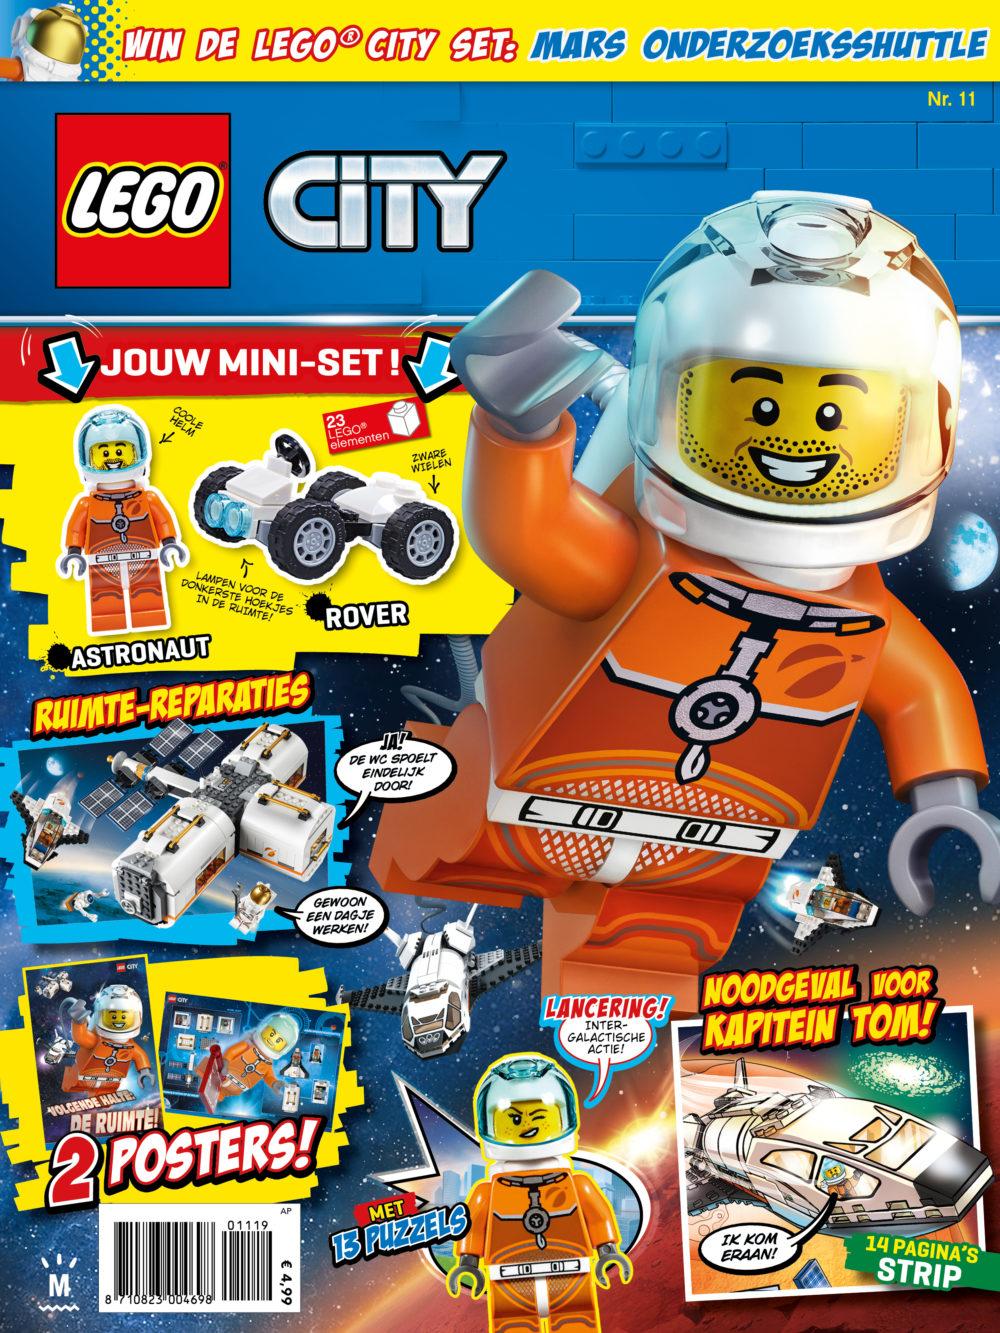 LEGO City magazine 11 2019